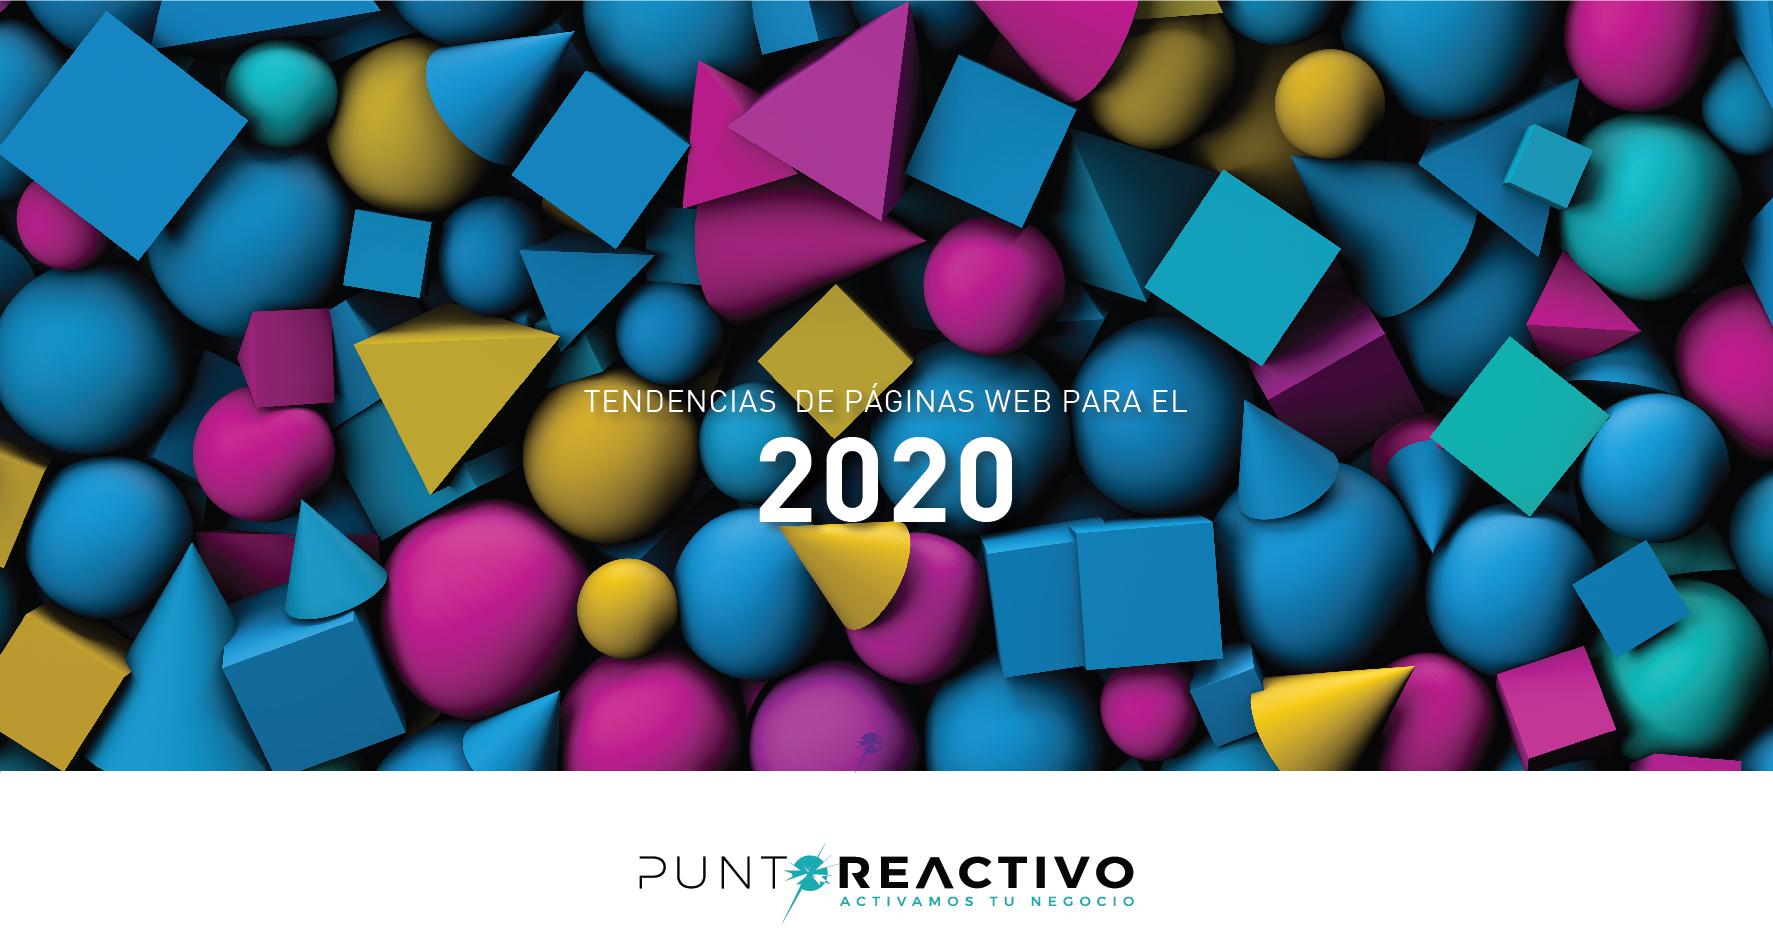 Tendencias de páginas web para el 2020